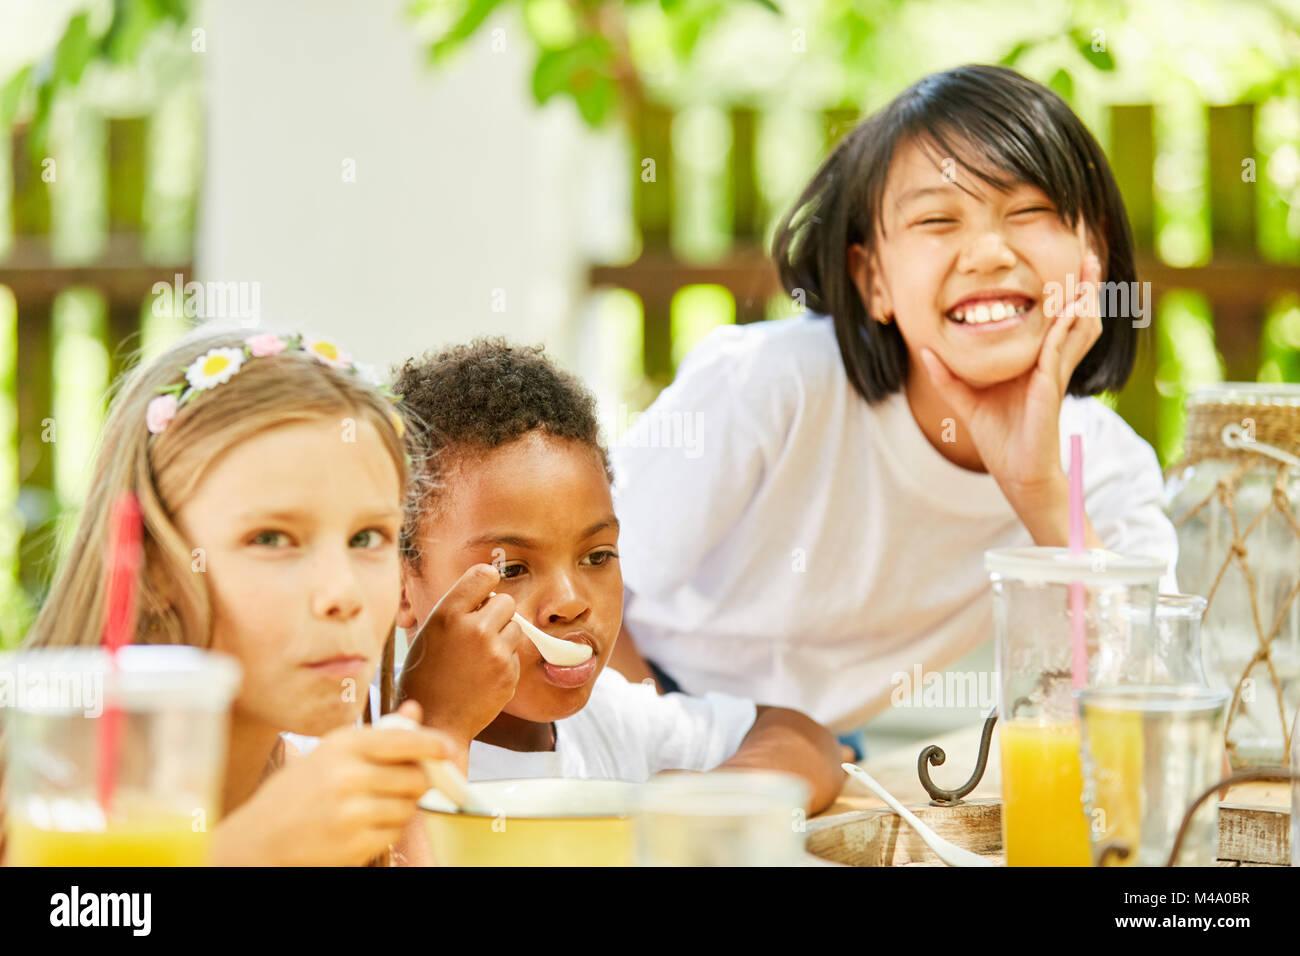 Les enfants dans la maternelle internationale prenant le petit déjeuner avec eux dans le jardin Photo Stock